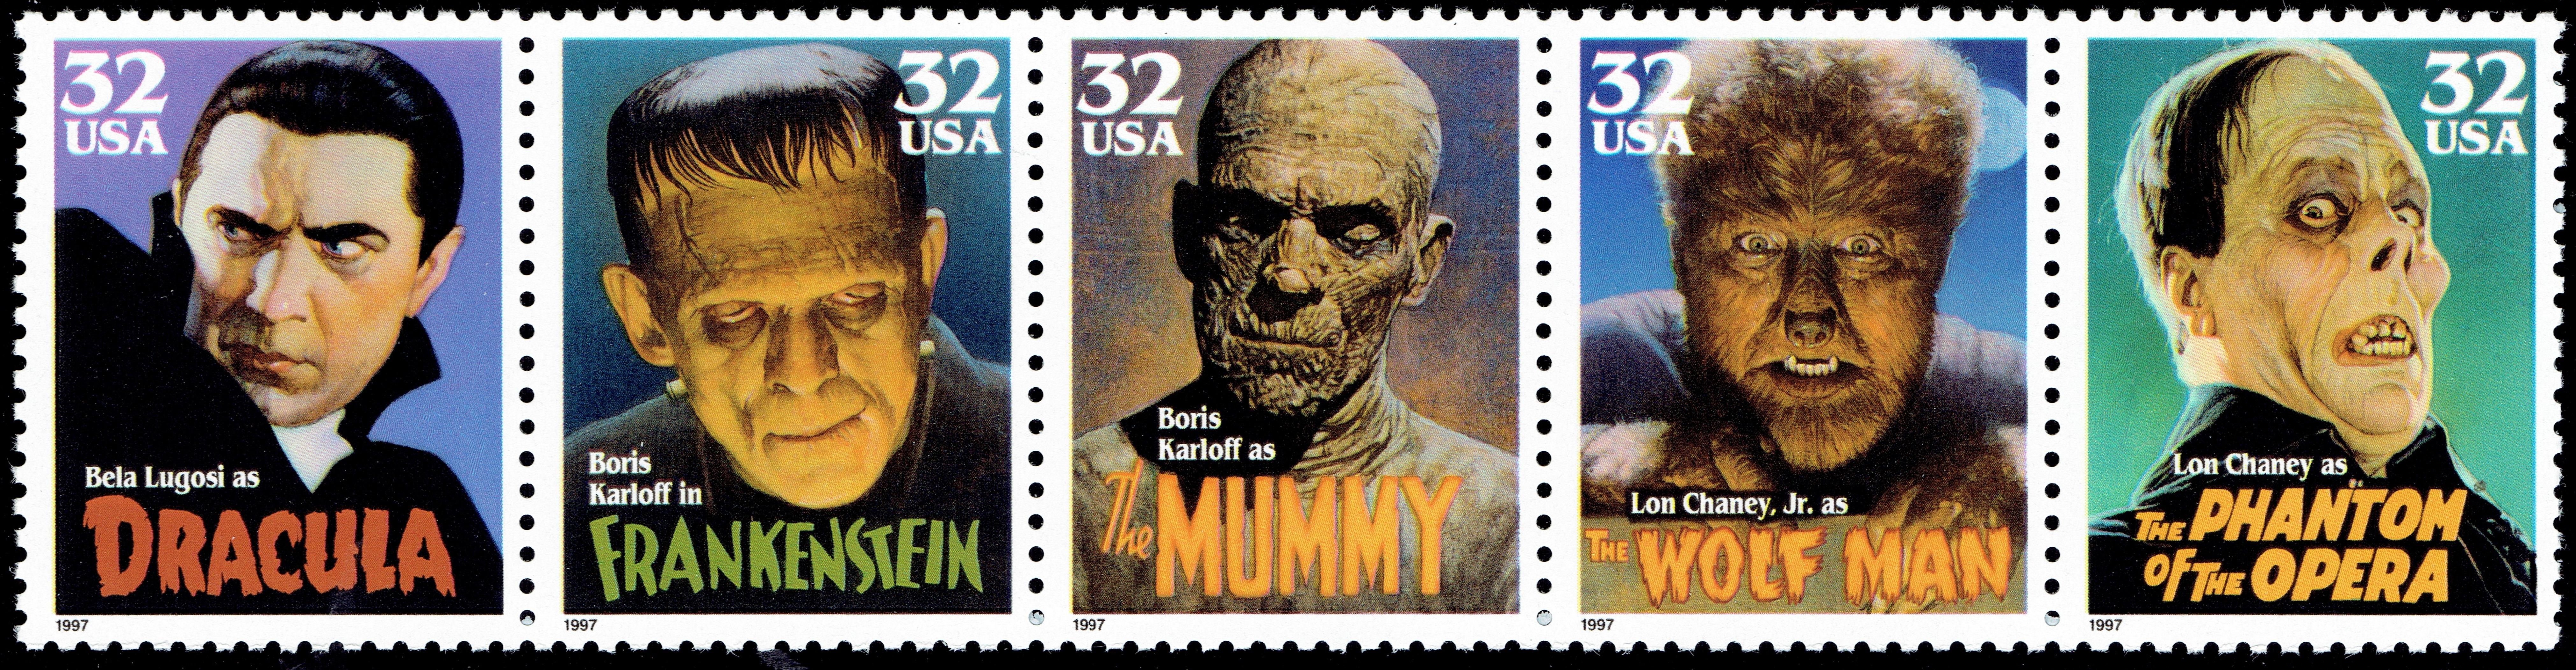 United States - Scott #3172a (1997)